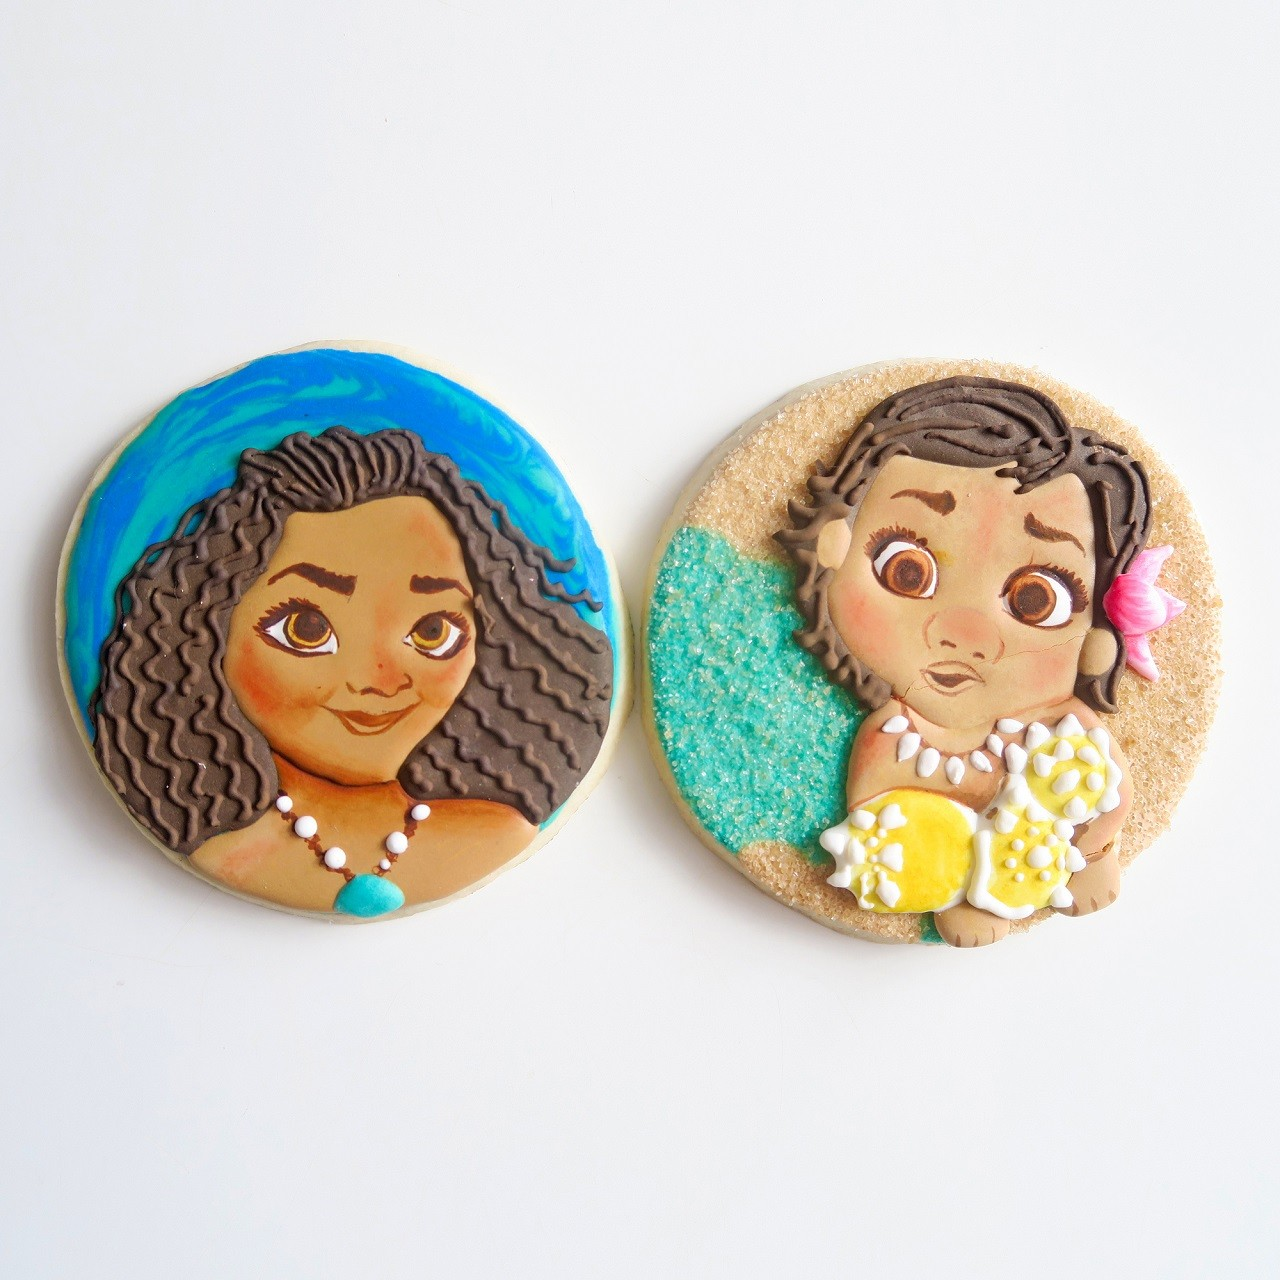 Curso Biscoitos Decorados: Moana